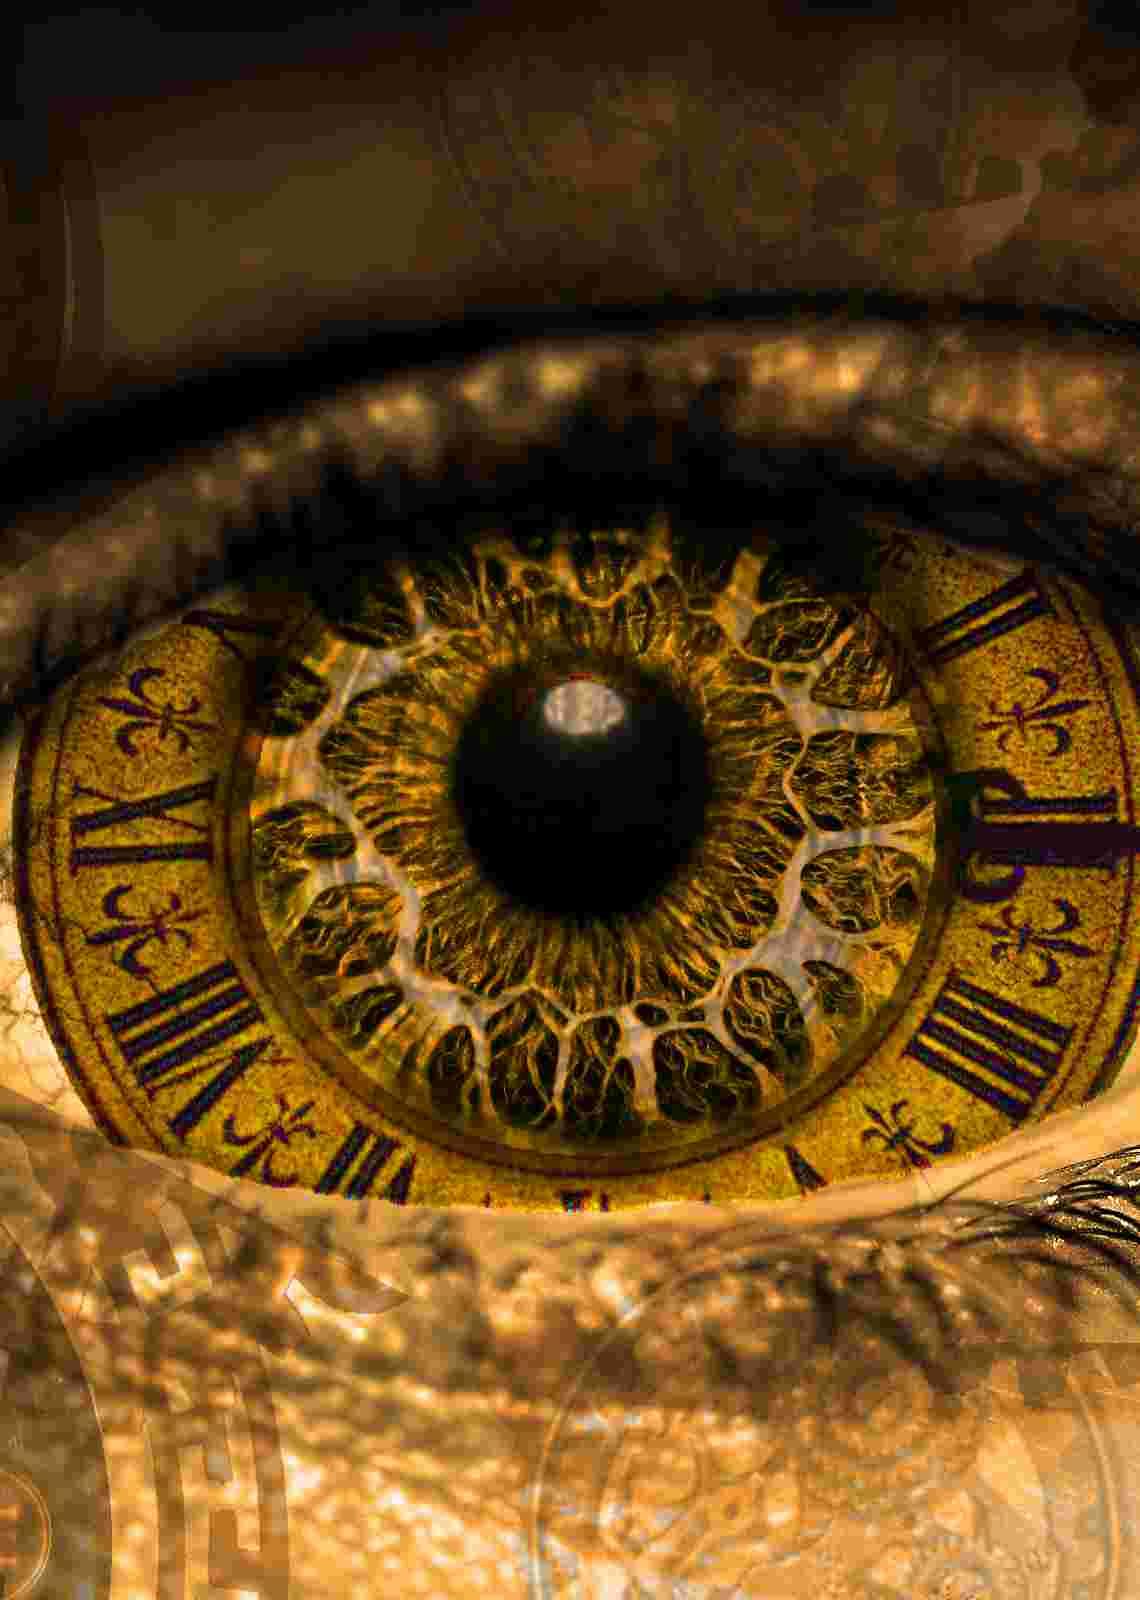 Взгляд на прошлое глазами cпециалиста